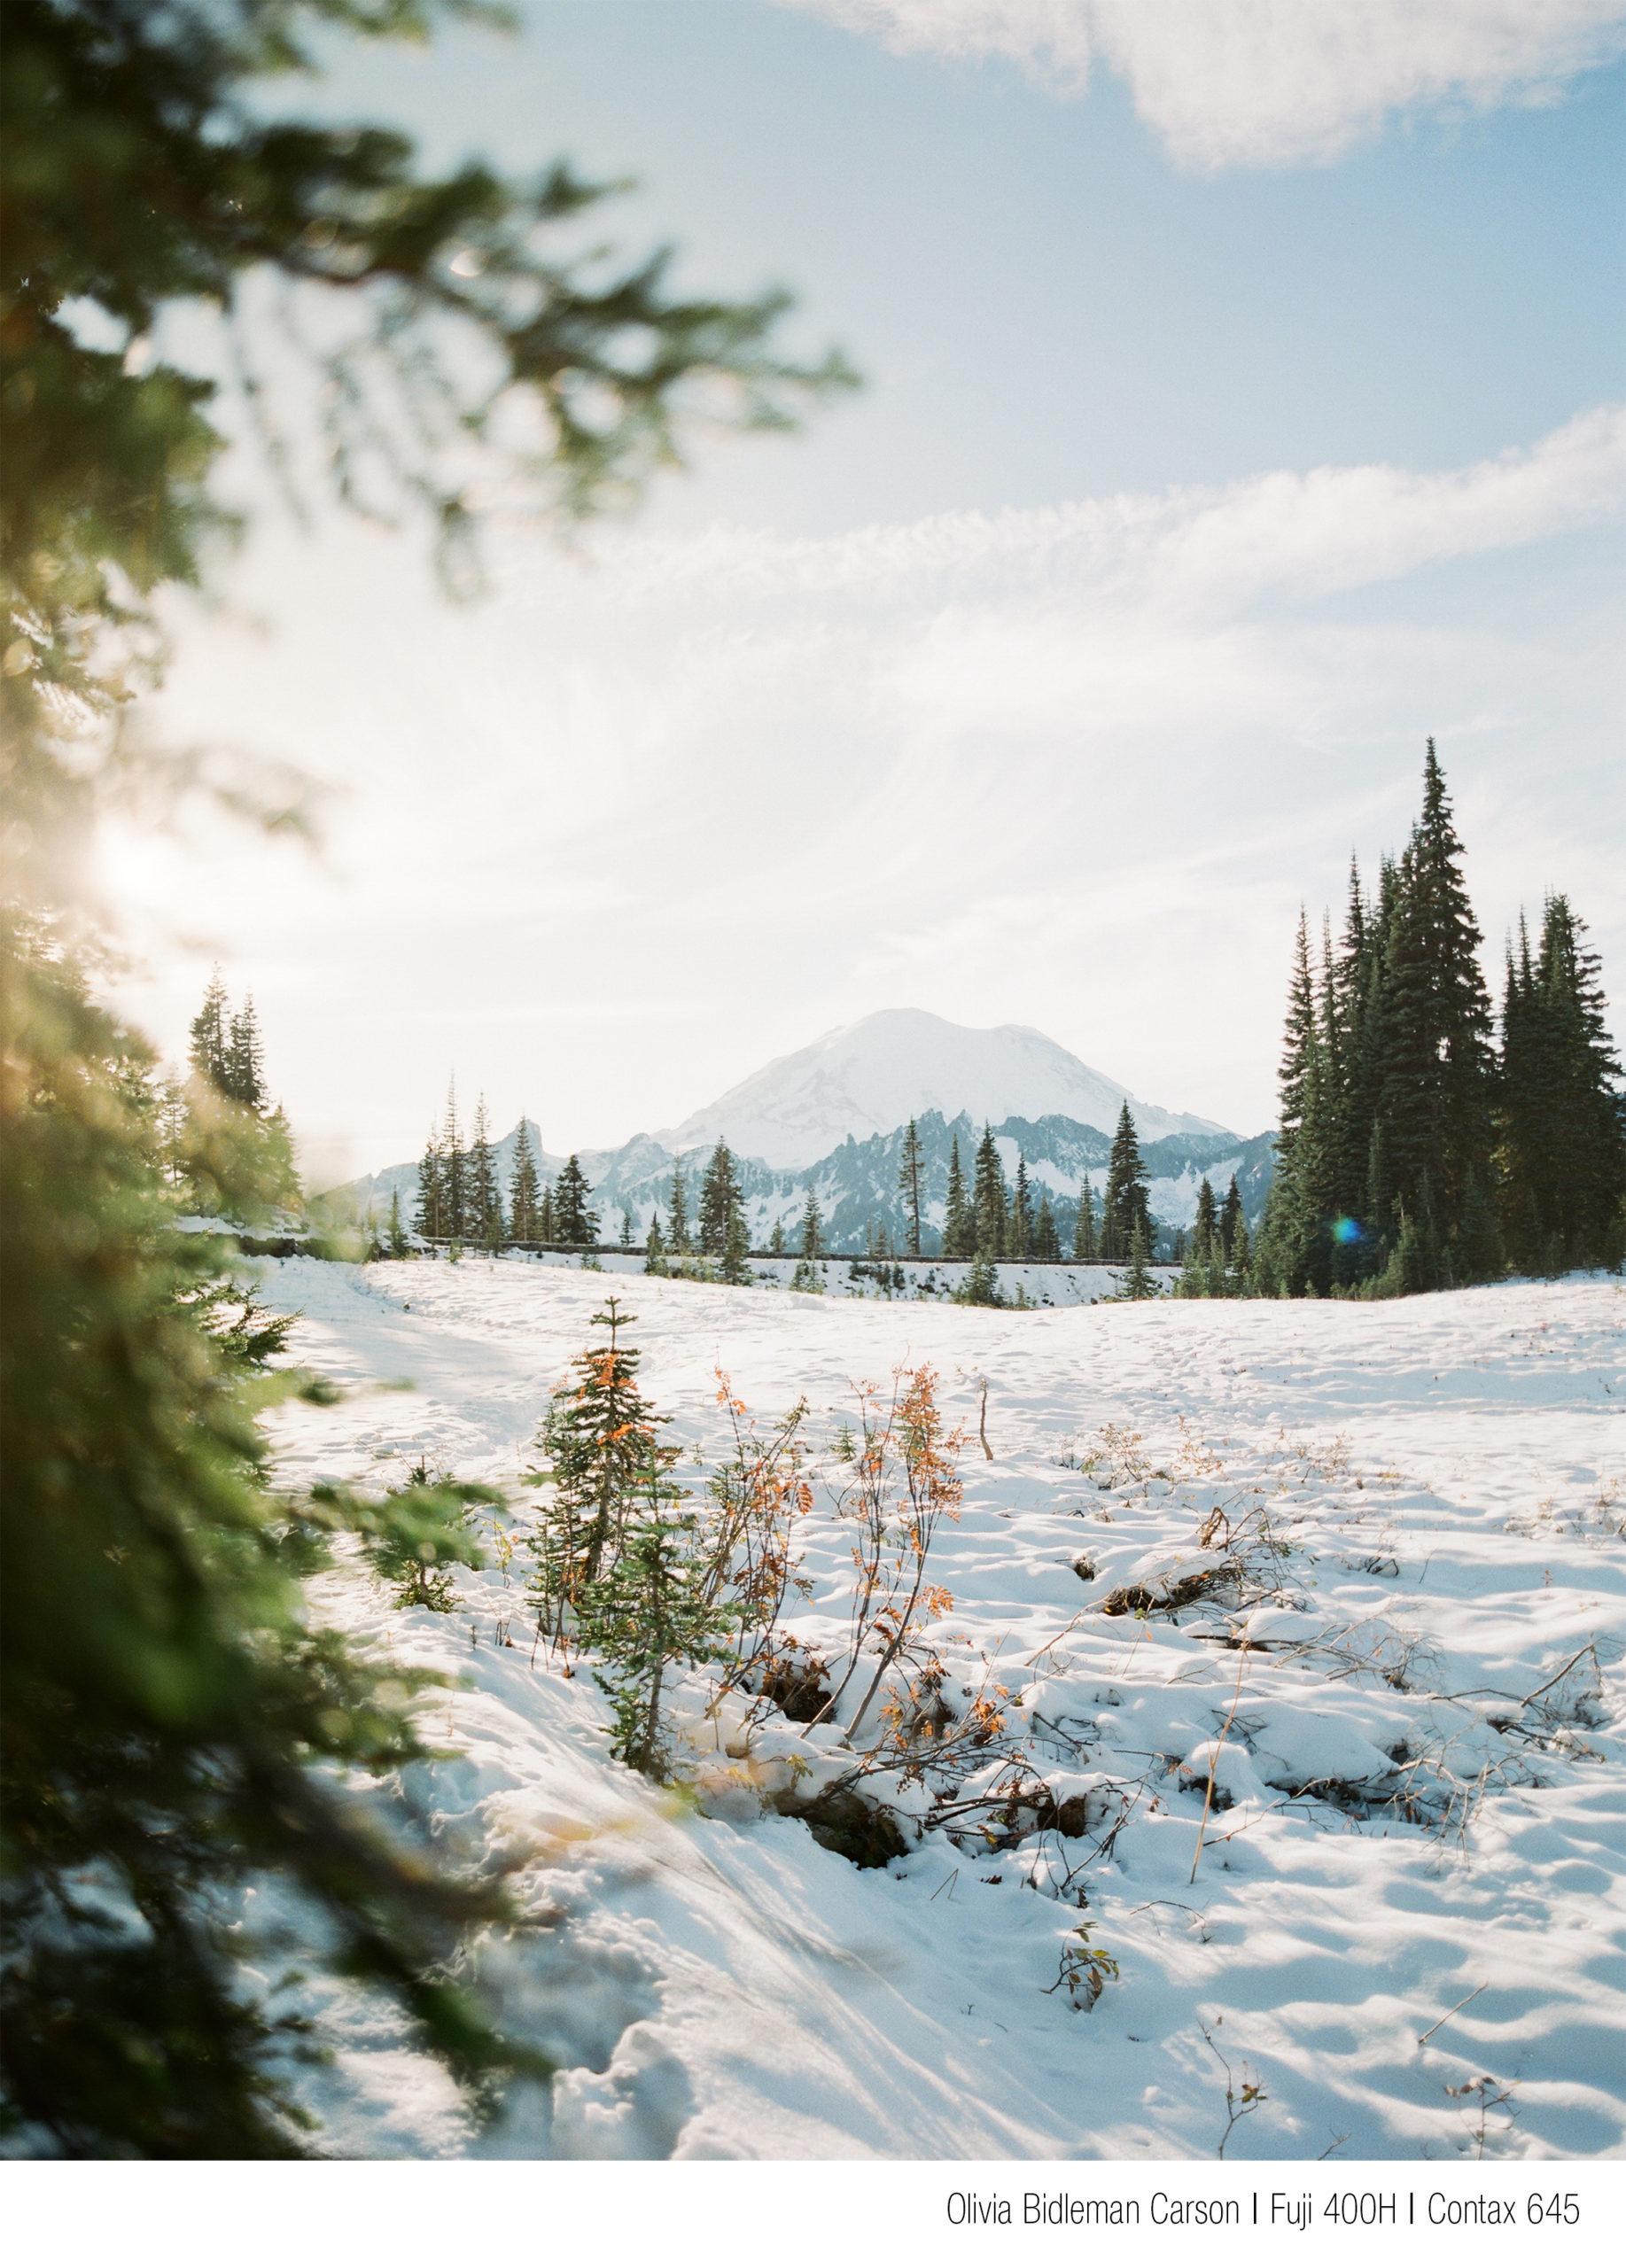 Rodar una película en la nieve | fotografosevilla.net